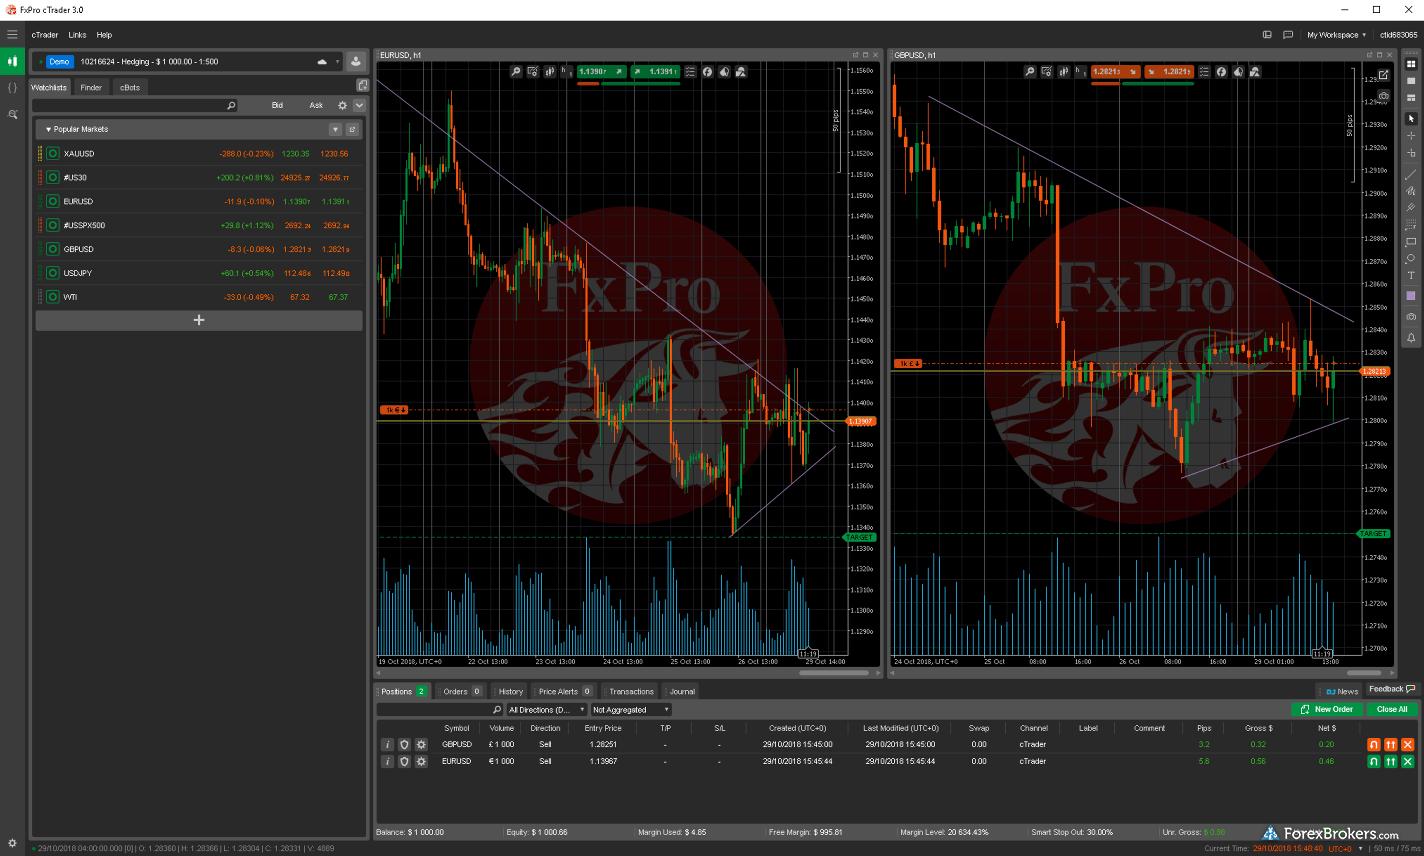 FxPro cTrader desktop